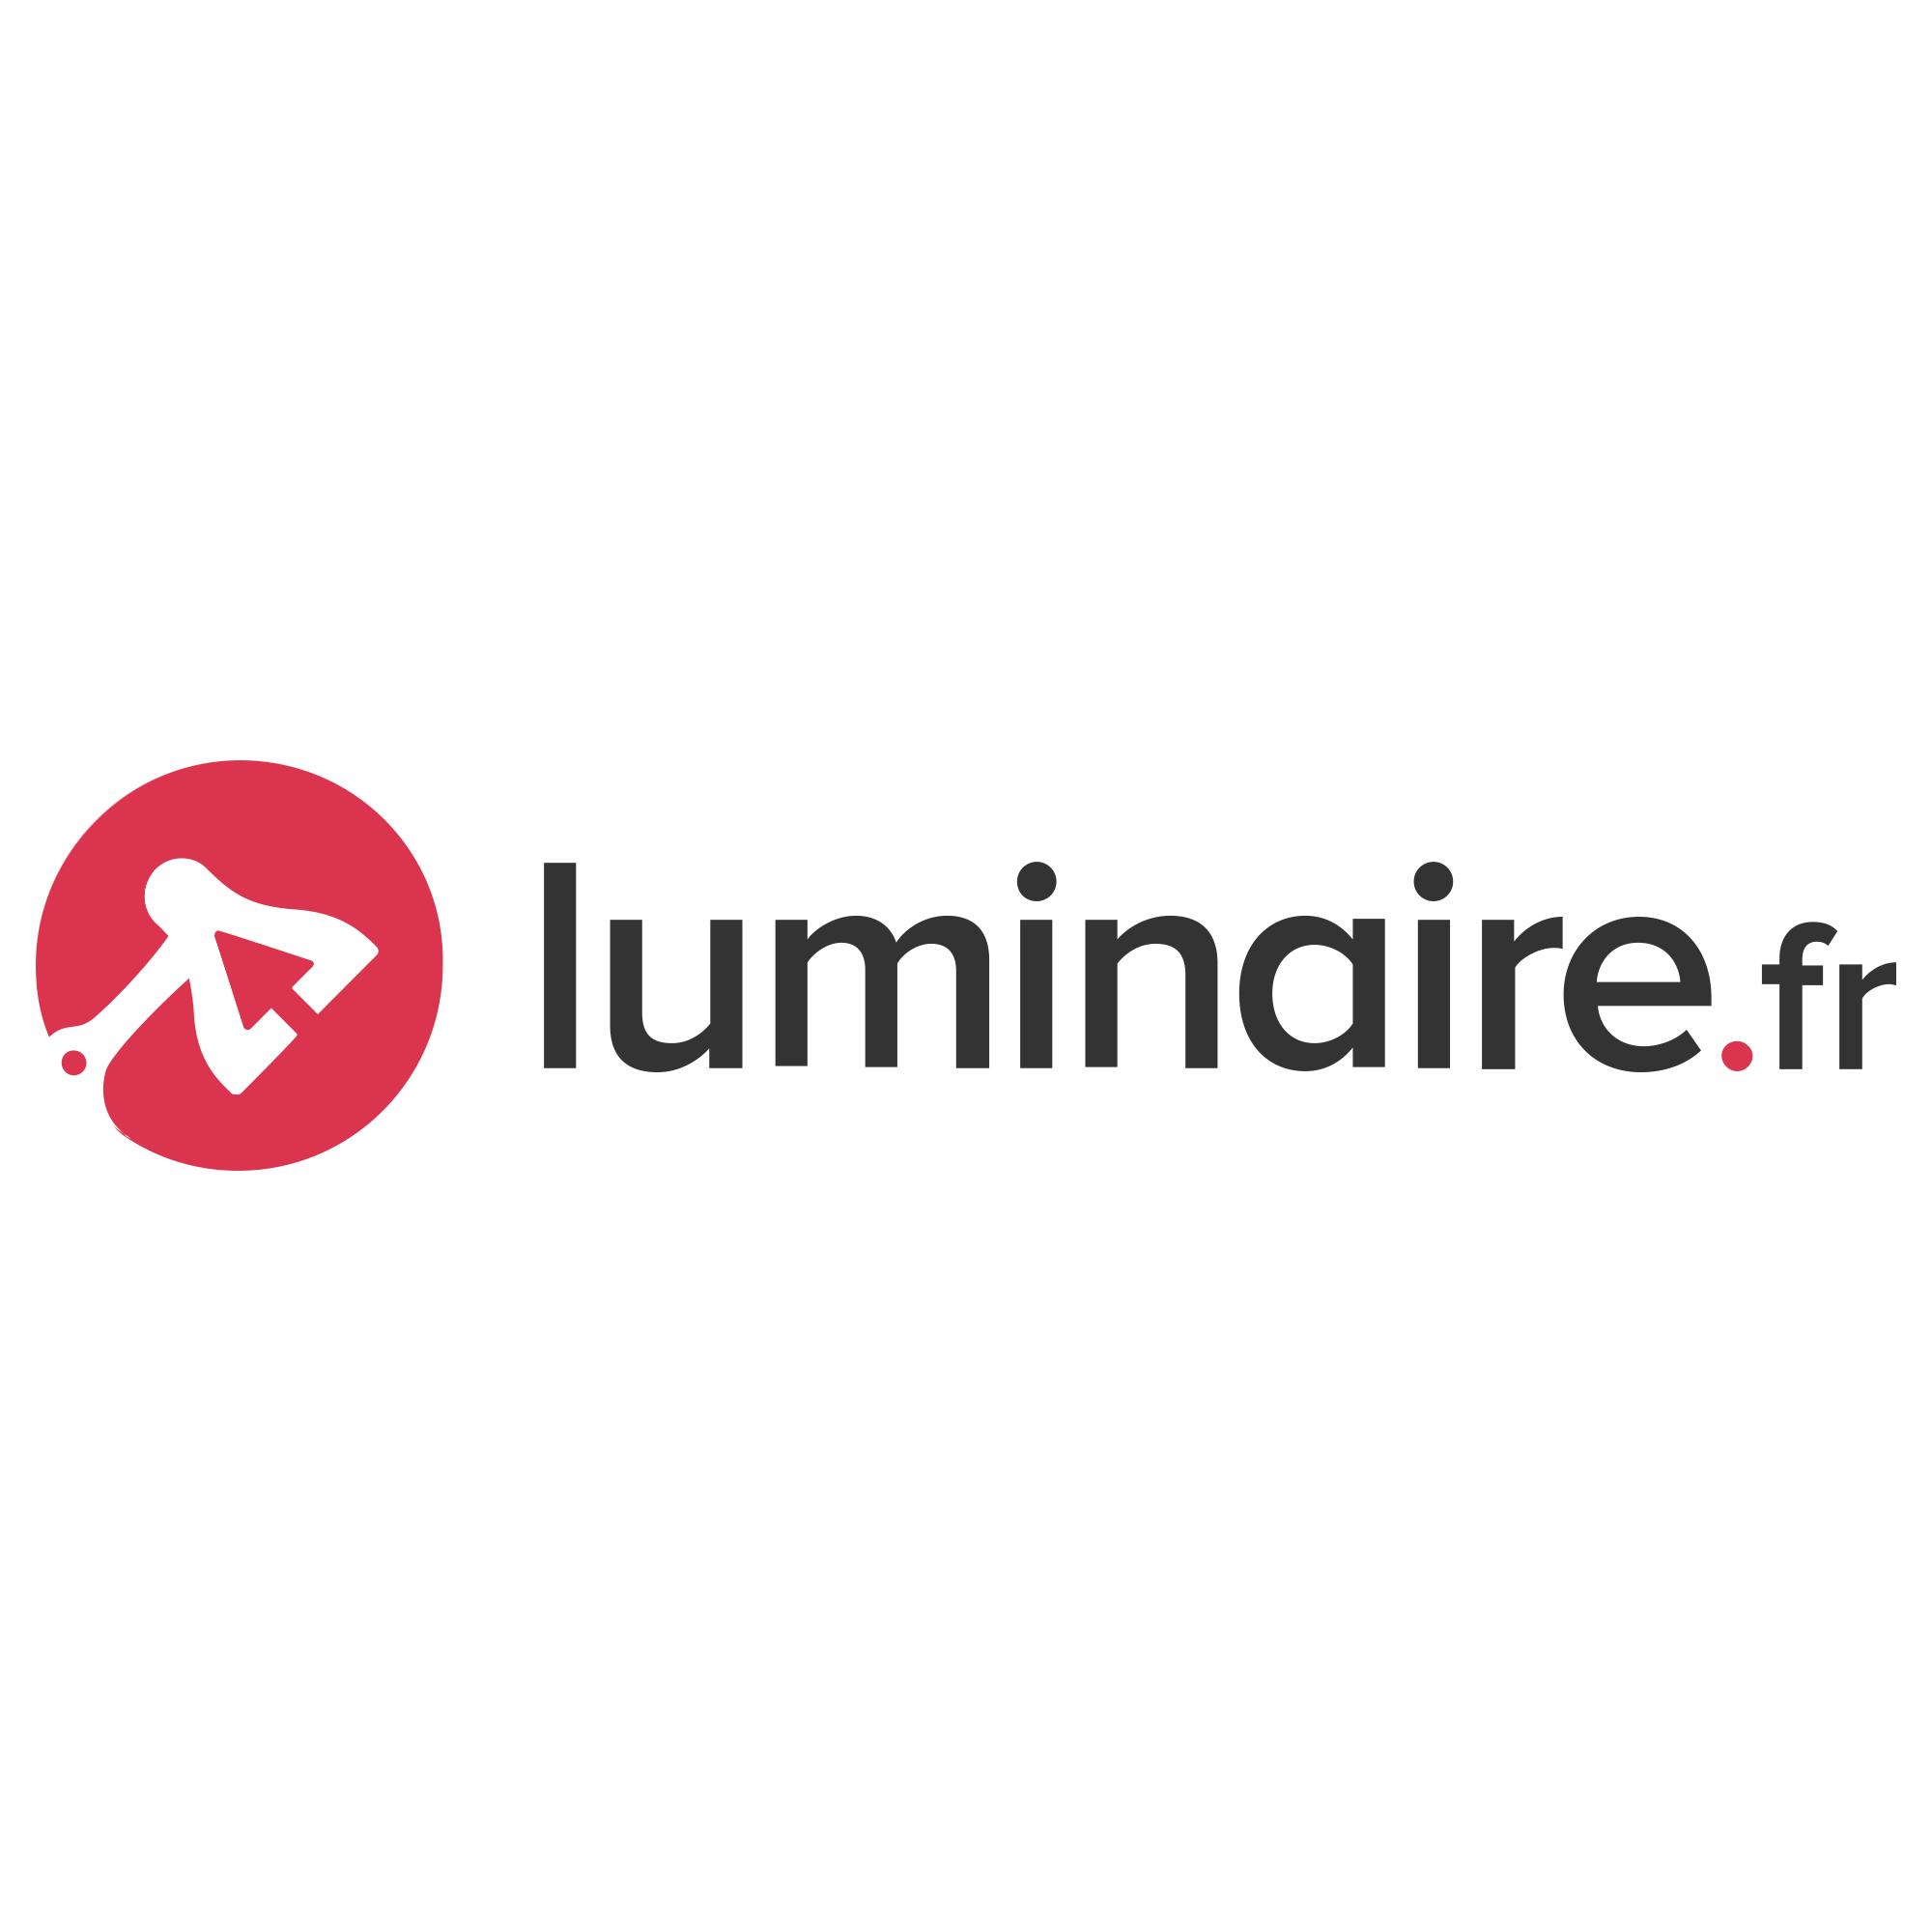 Jusqu'à 15% de réduction sur tout le site - Ex: 15% dès 300€ d'achat